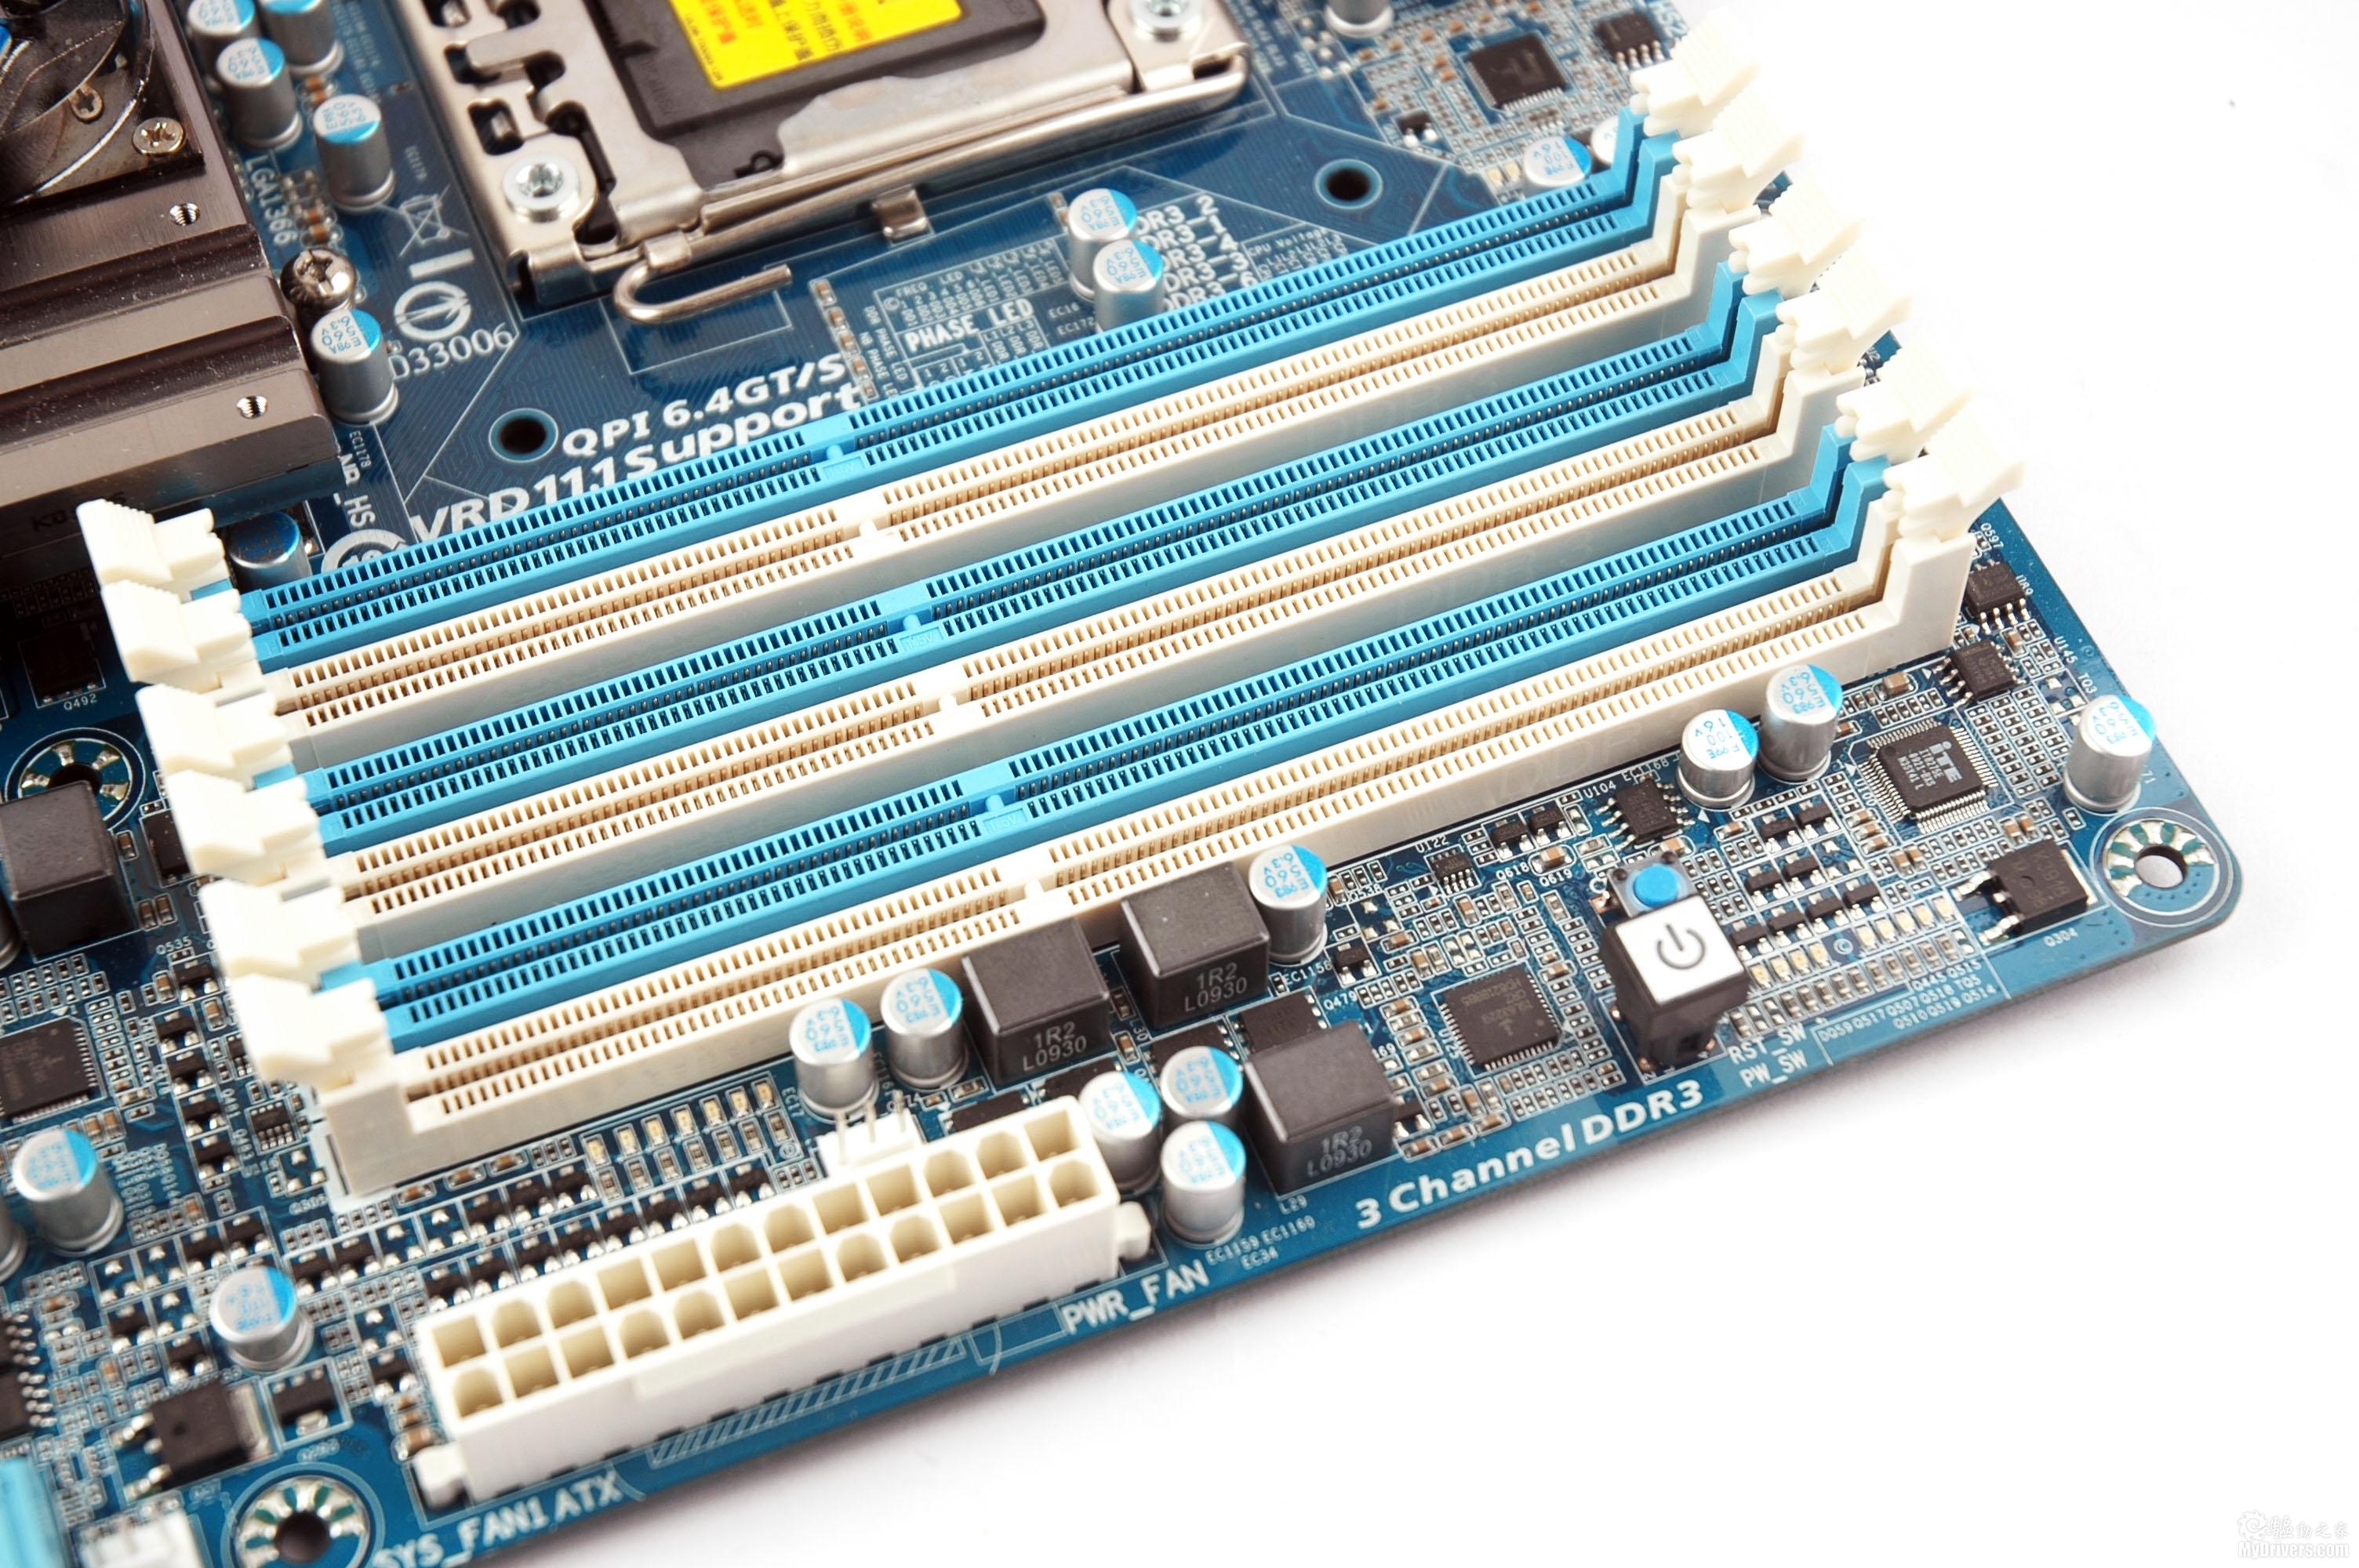 """[产品赏析] 在Intel P55芯片组刚刚发布之初技嘉便在其上引入了全新的""""333""""主板概念,即SATA 3、USB 3.0以及USB 3倍供电设计,之后技嘉又推出了多款支持""""333""""概念的P55主板,""""333""""主板一时间成为业界的热点,随后技嘉乘势将这一概念延伸到了更为高端的旗舰级X58产品之上于是,集众之所成的旗舰级X58主板——GA-X58A-UD7也就应运而生了。  GA-X58A-UD7 技嘉GA-"""